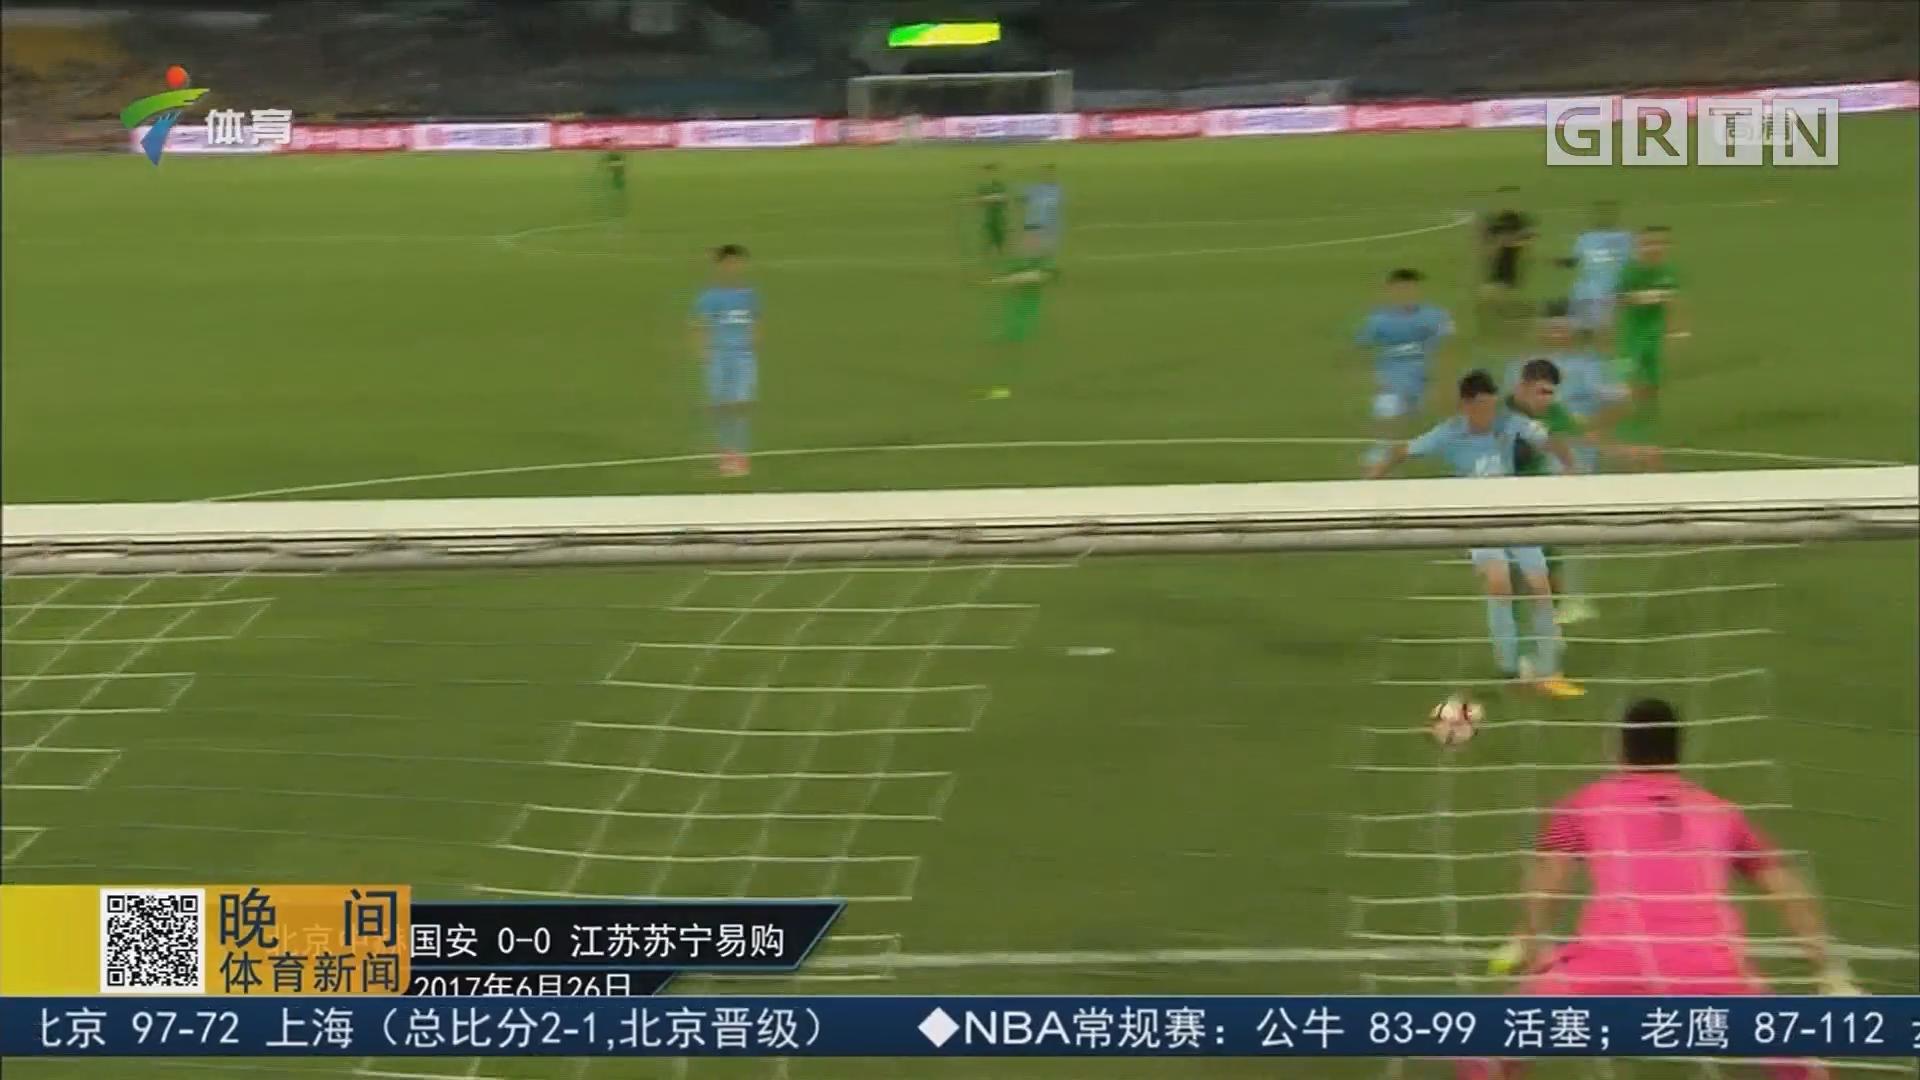 主场迎战苏宁 北京国安望取联赛首胜